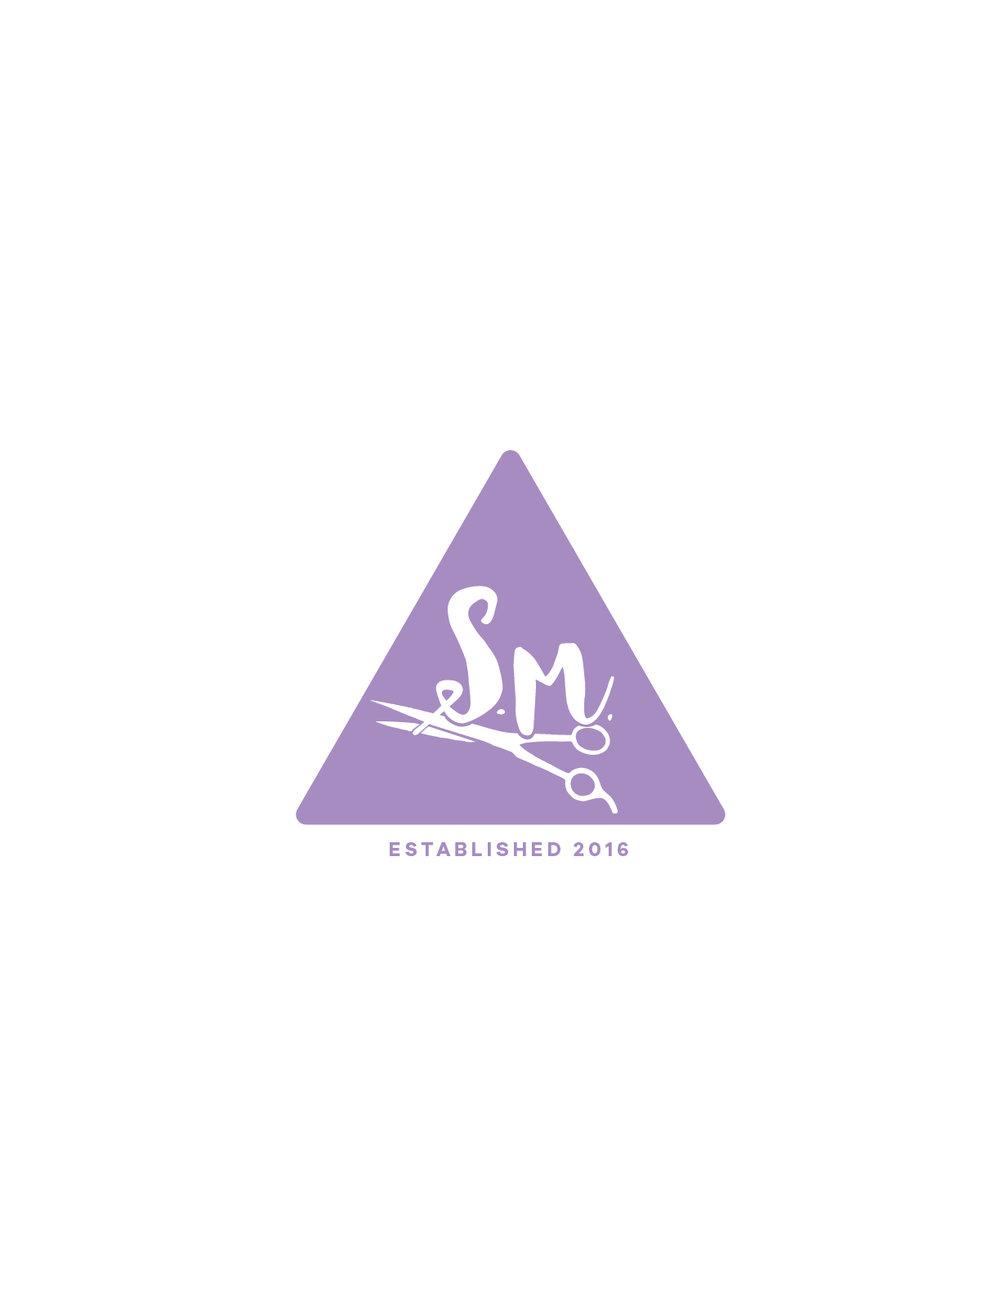 the-four-design-sammi-mac-logo-concepts-9.jpg